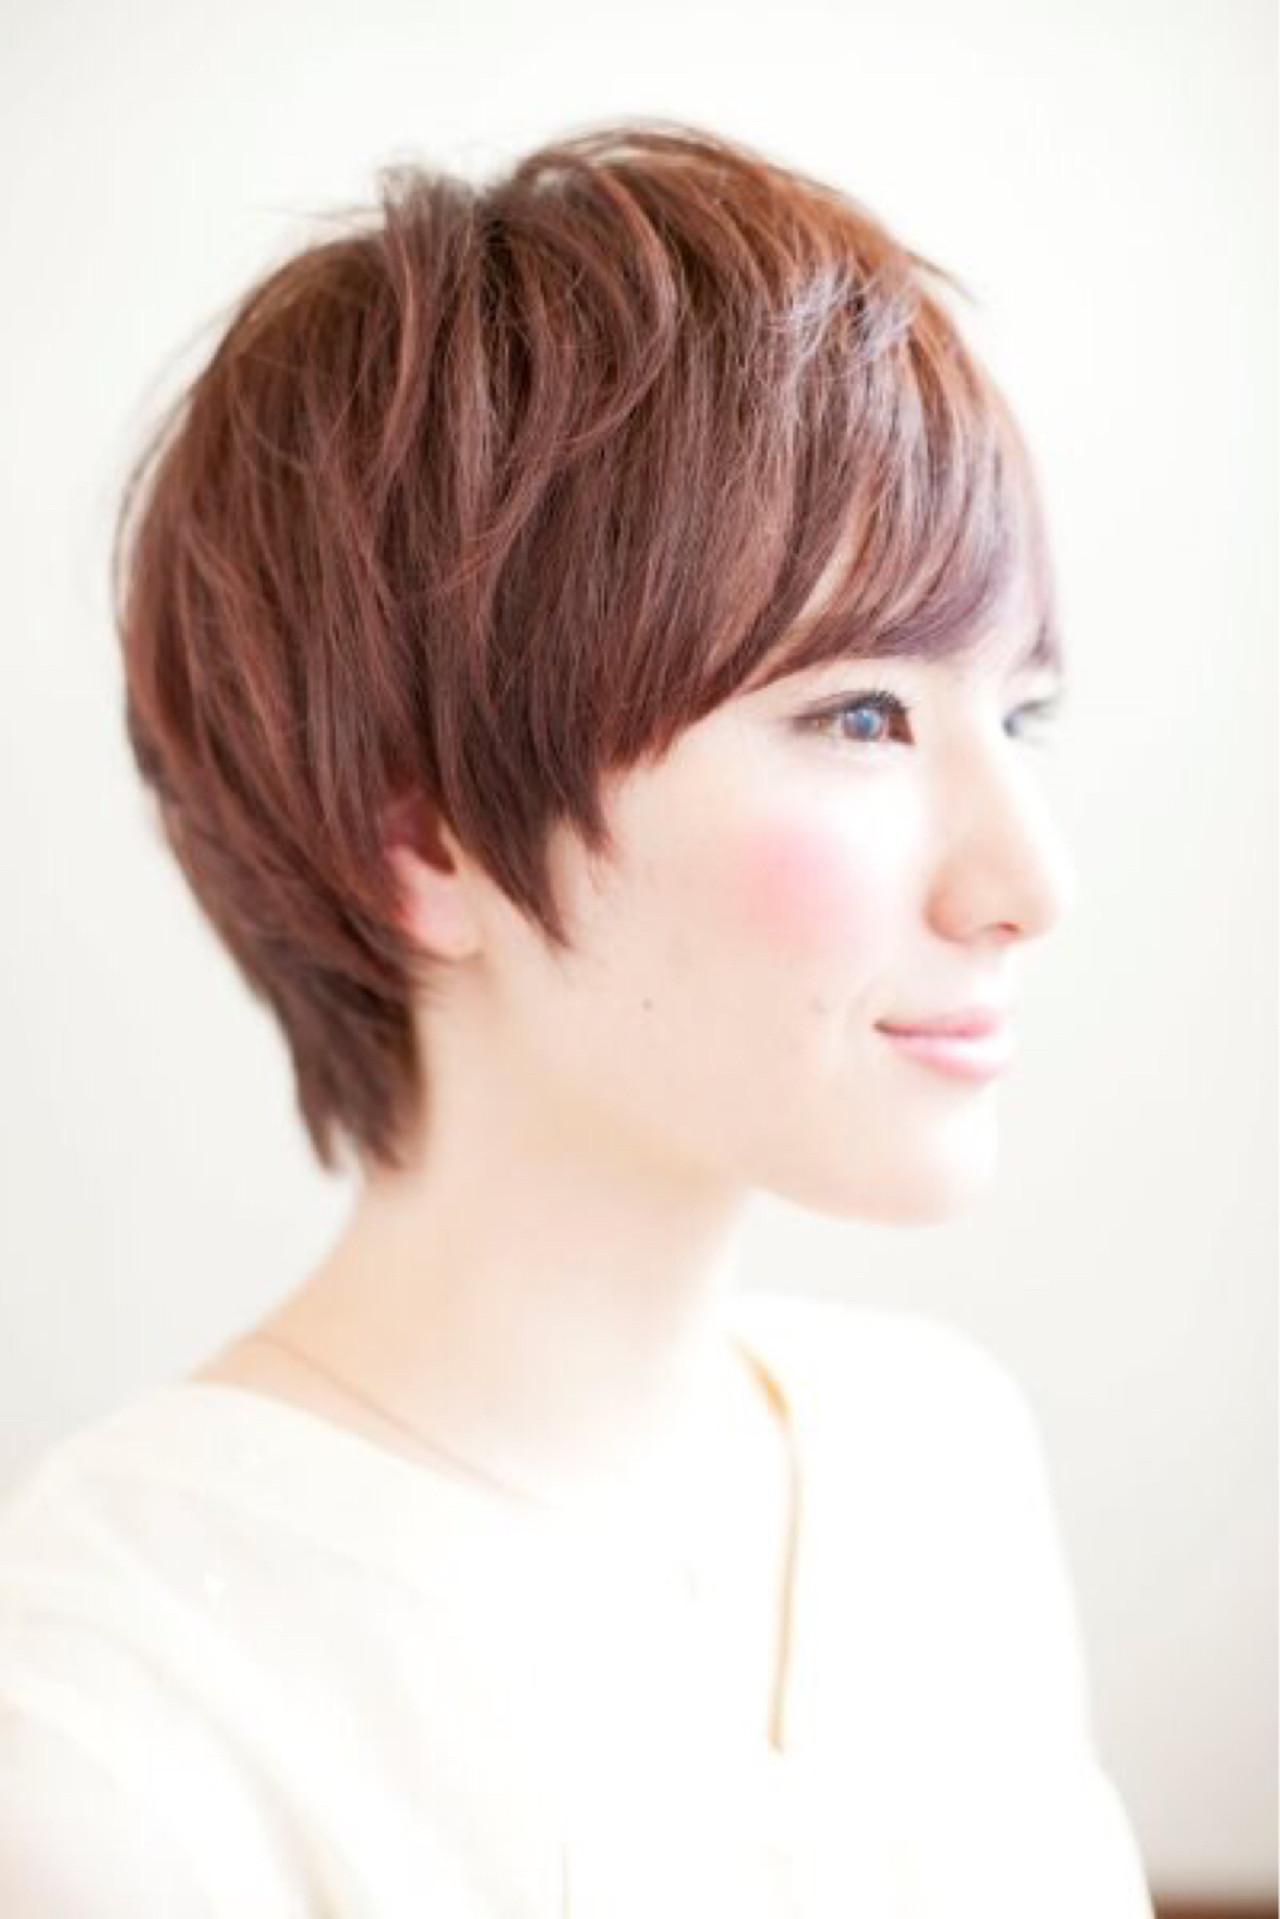 オフィス ヘアアレンジ ナチュラル 外ハネ ヘアスタイルや髪型の写真・画像 | 松下哲史 / Ramie omotesando